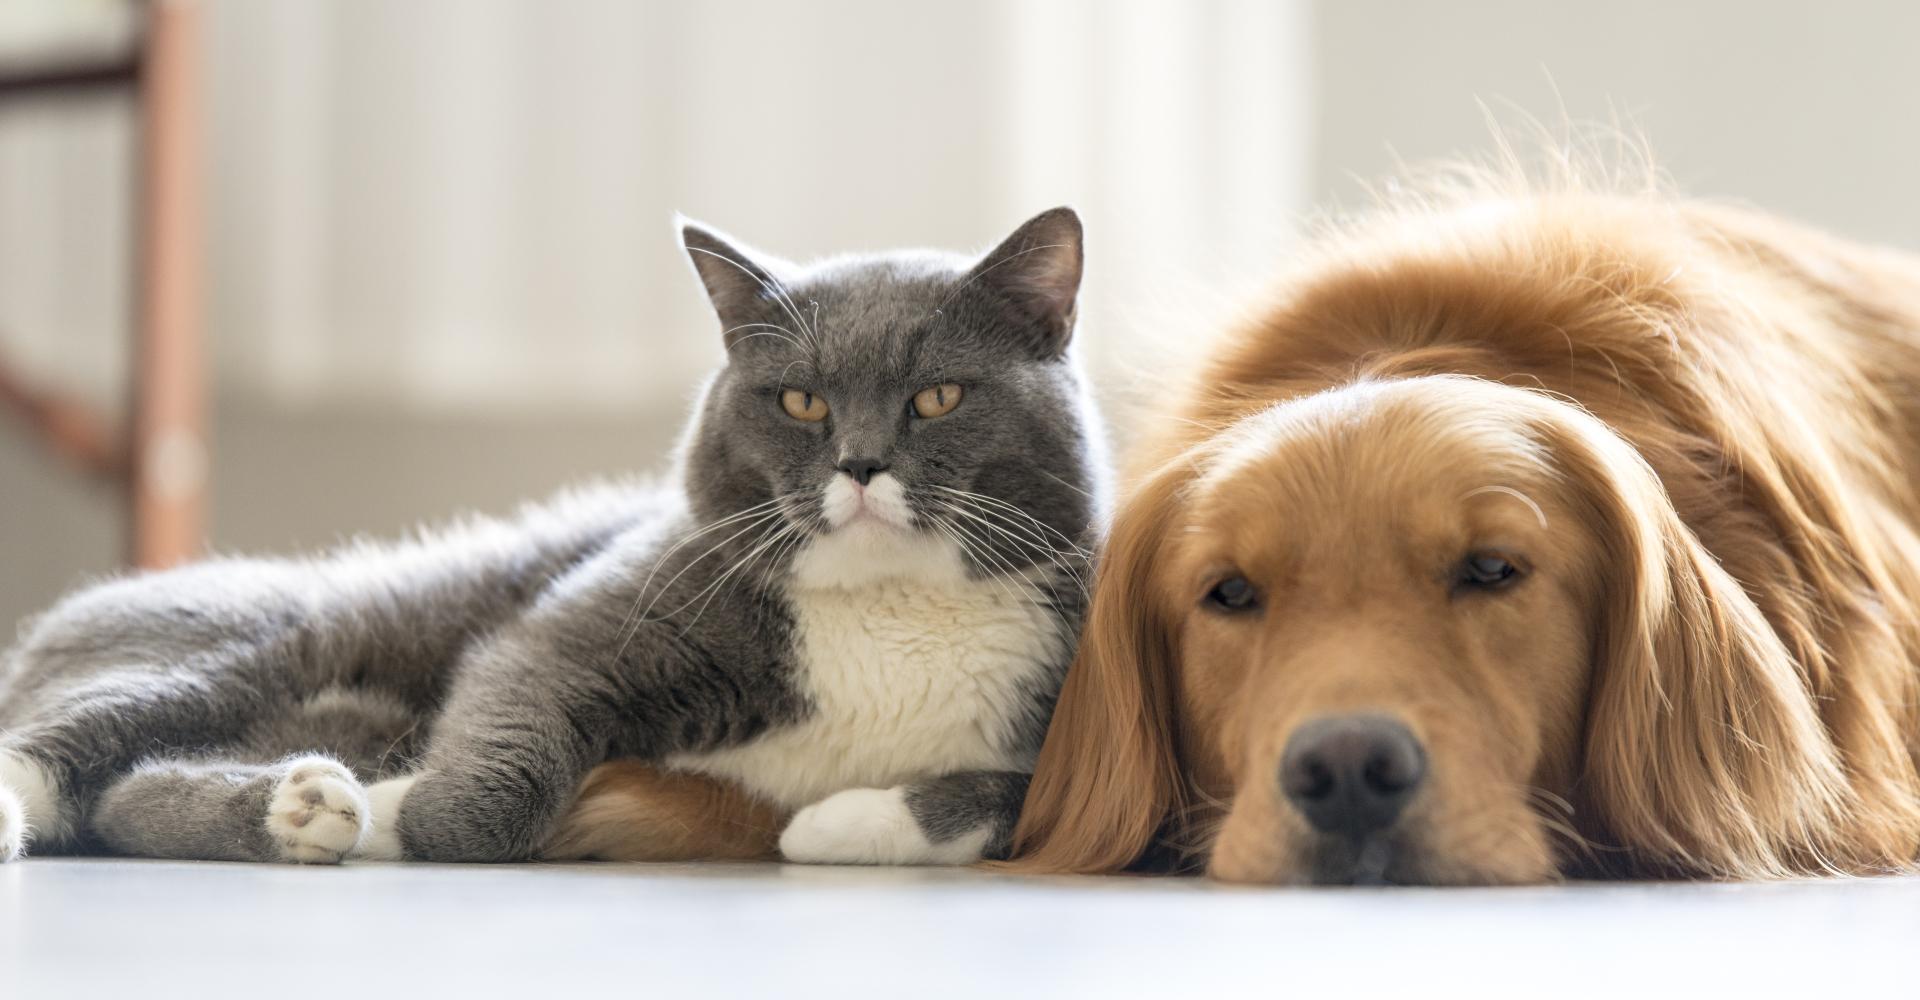 Кошки против собак: ученые спорят, кто умнее